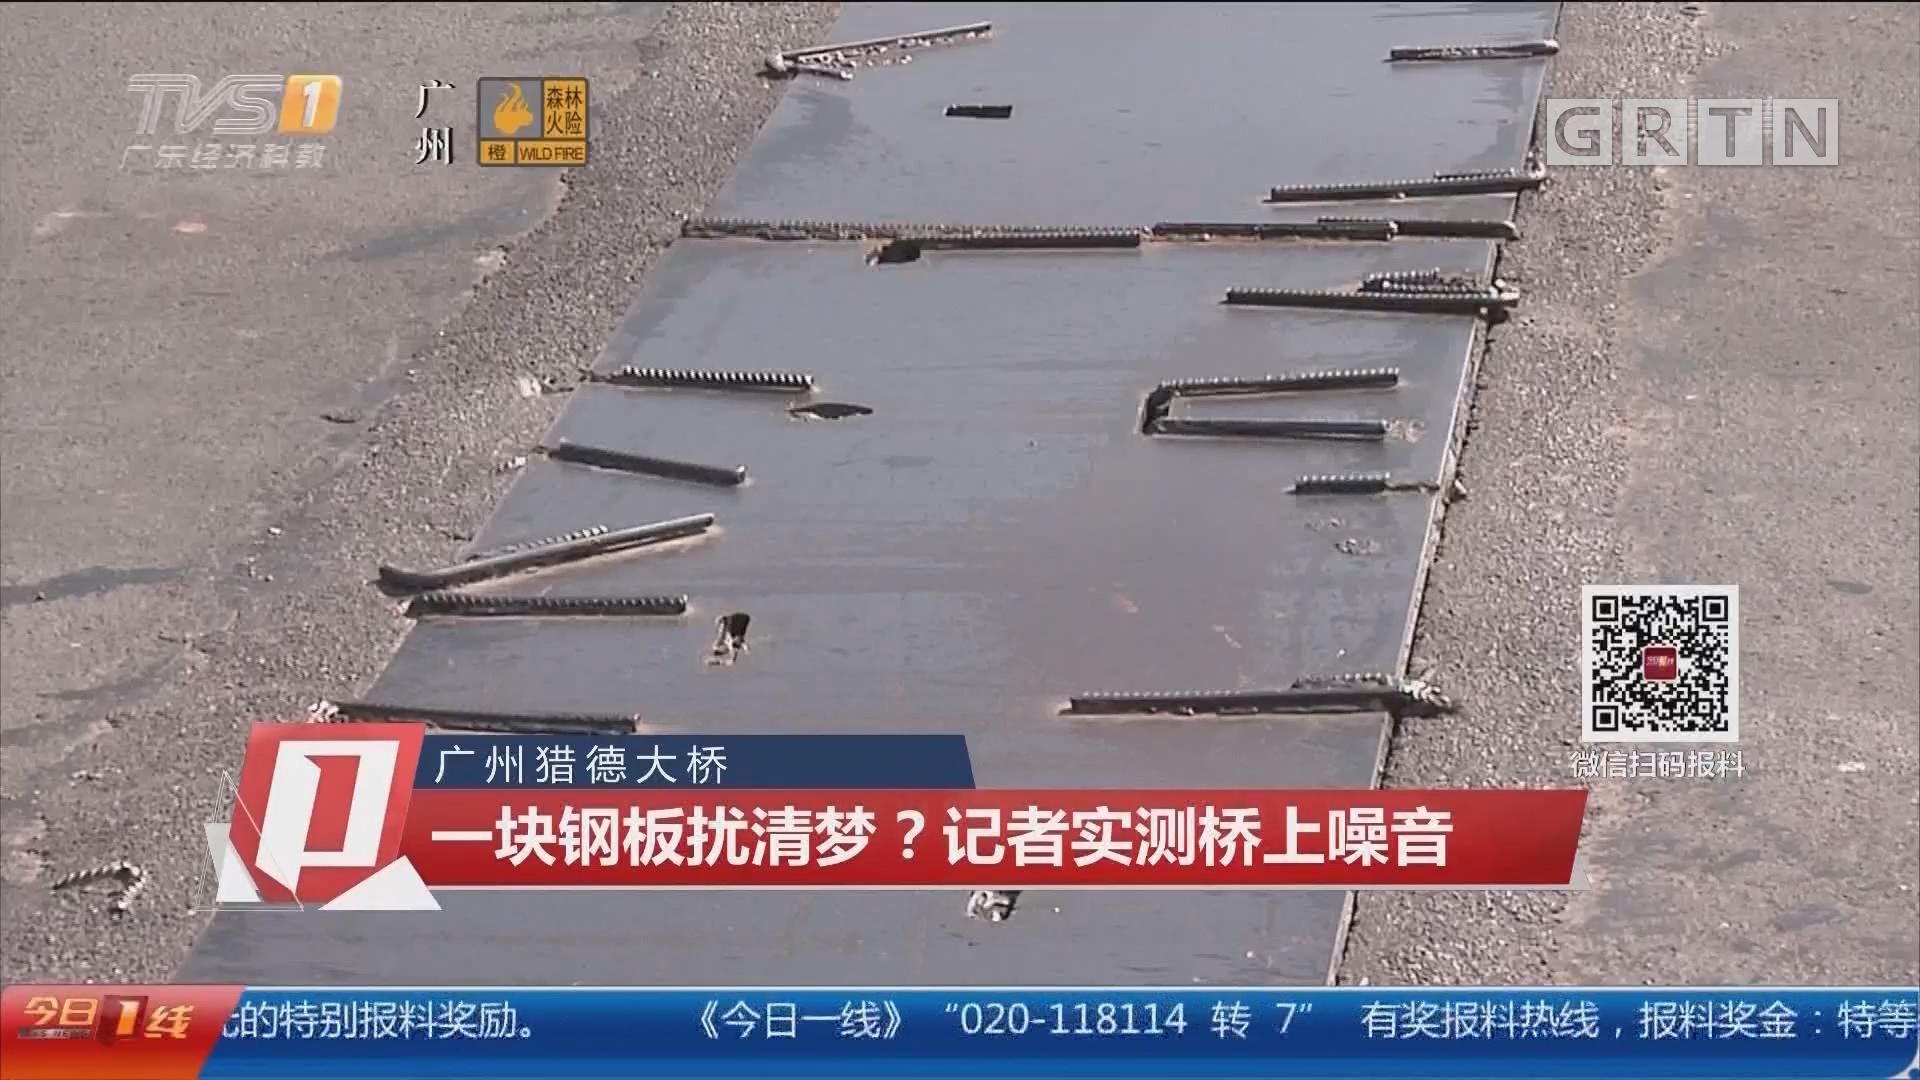 广州猎德大桥:一块钢板扰凊梦?记者实测桥上噪音